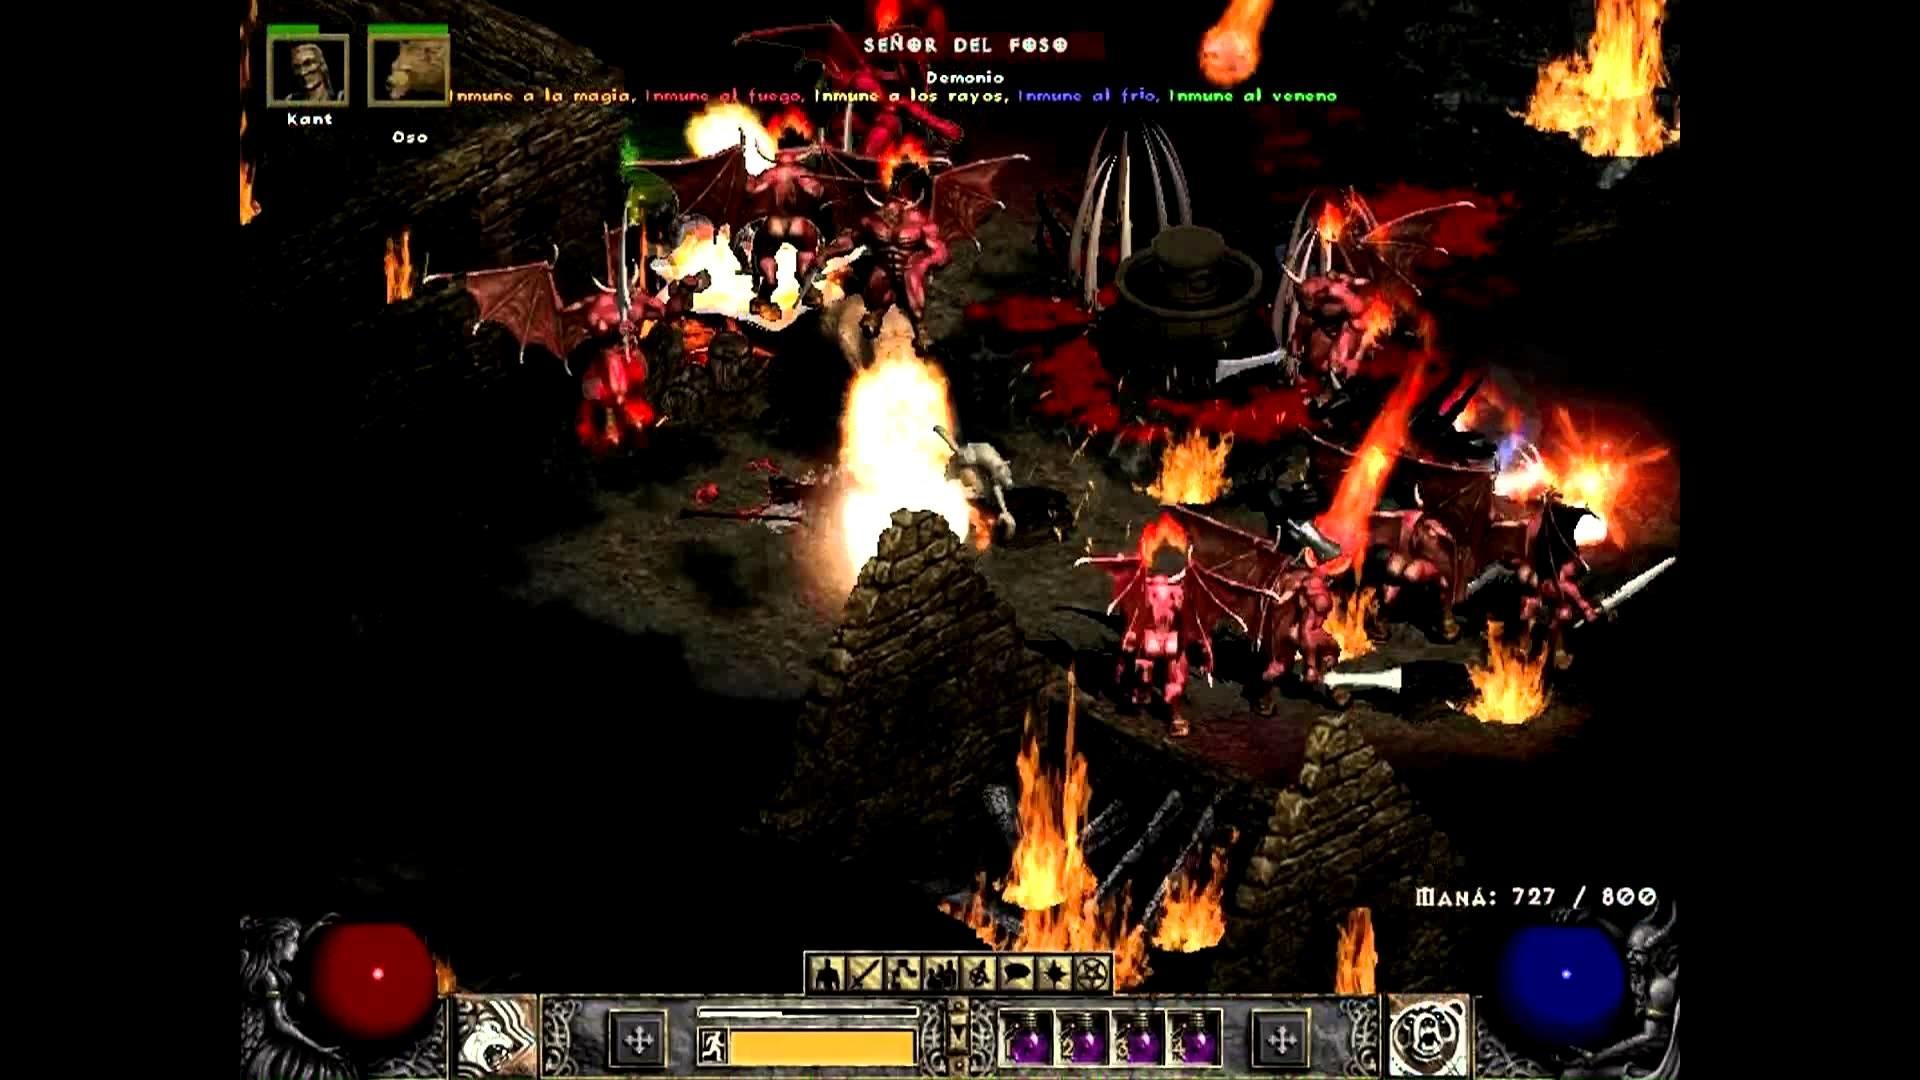 Diablo 2 – Tristán [Druida & nigromante Vs Diablo]